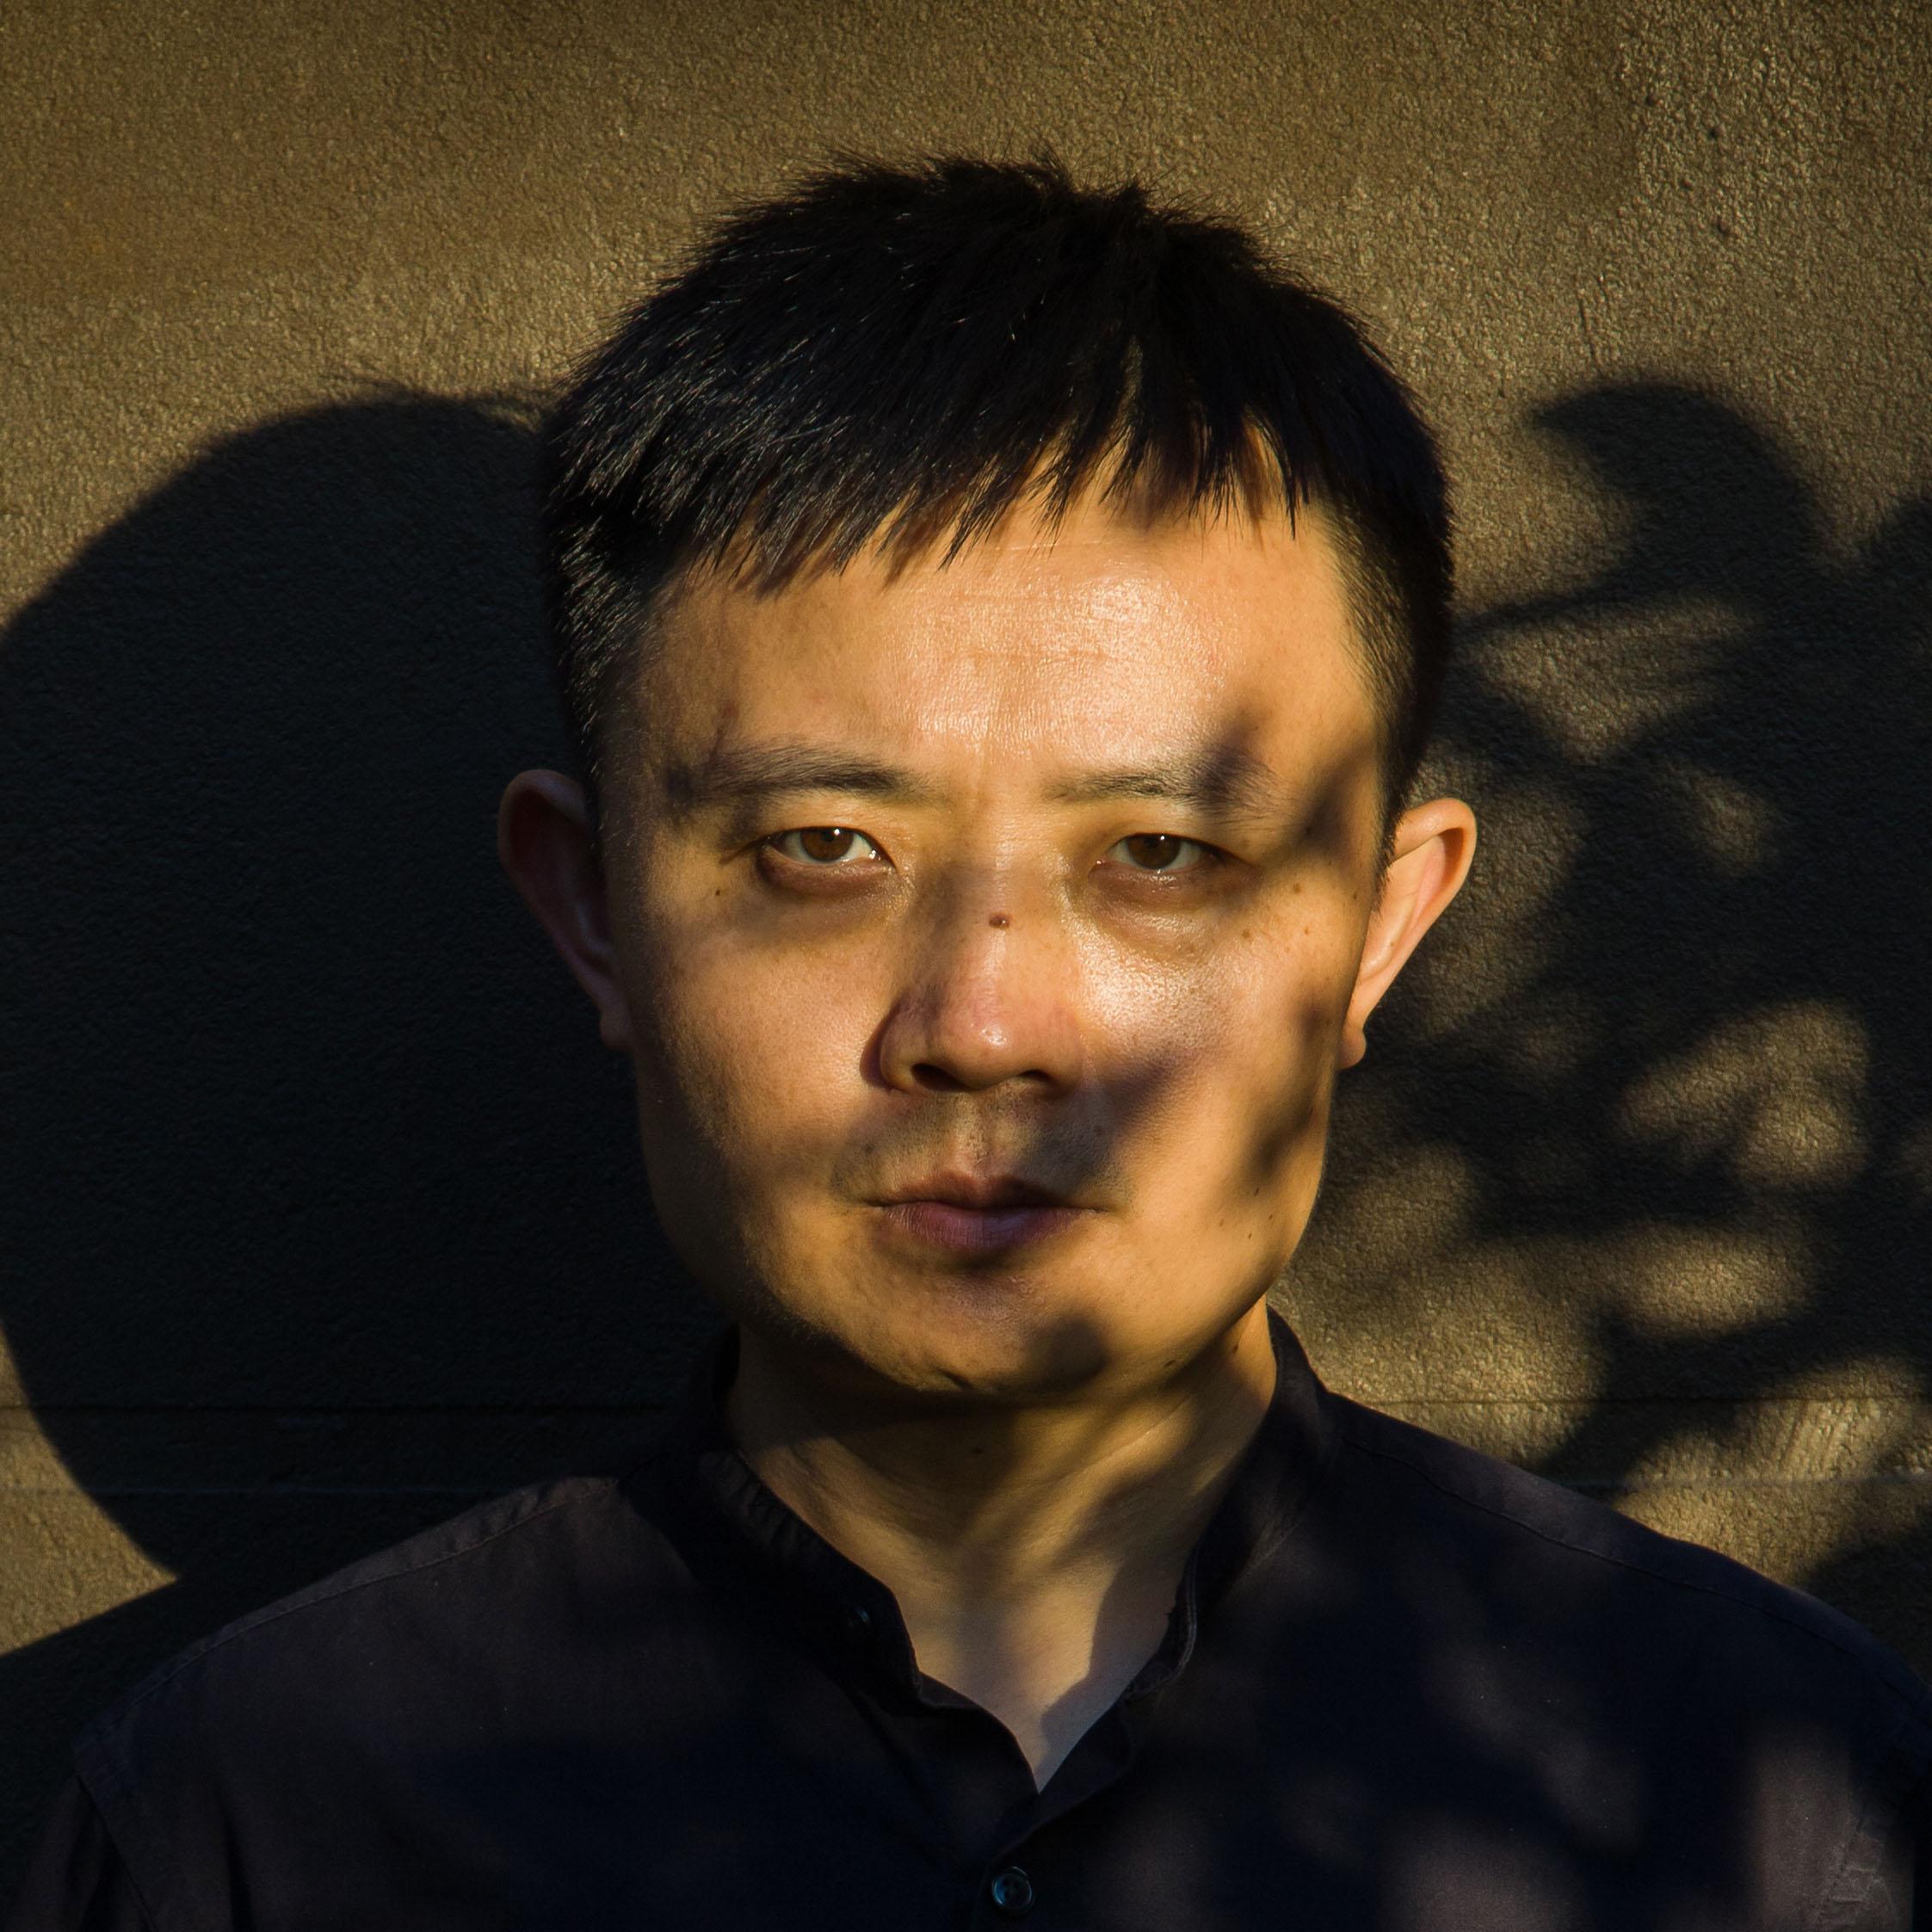 Jian Fan